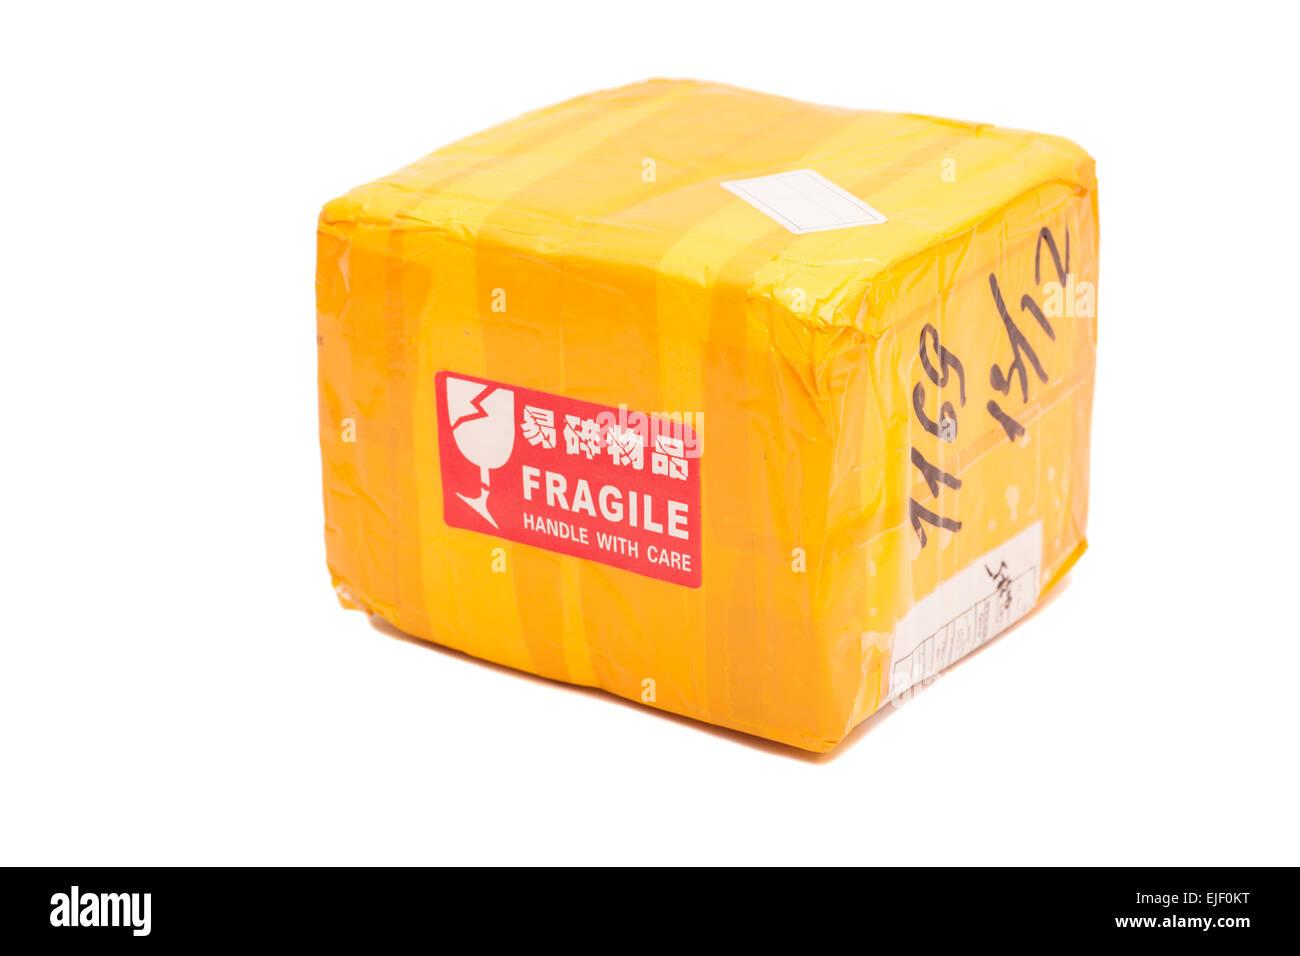 post paket oder versandbox mit einem fragile handle with care aufkleber stockfoto bild. Black Bedroom Furniture Sets. Home Design Ideas